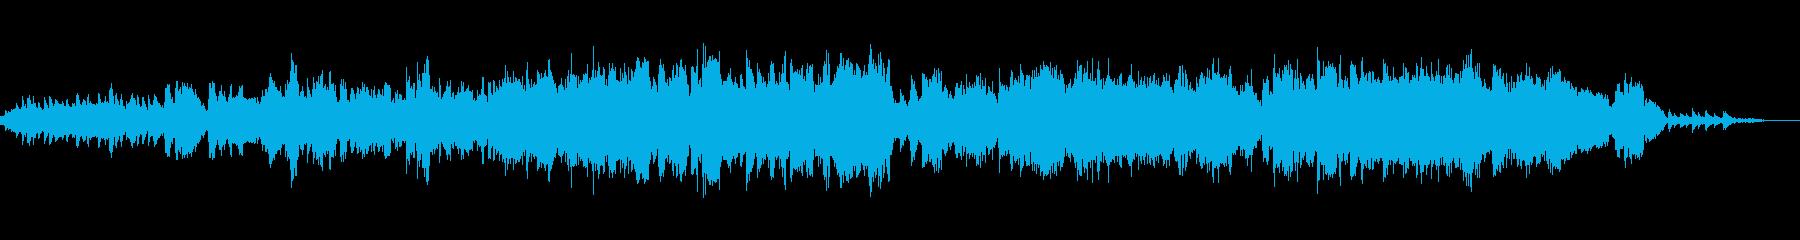 切なく散りゆく桜の為のピアノ協奏曲の再生済みの波形